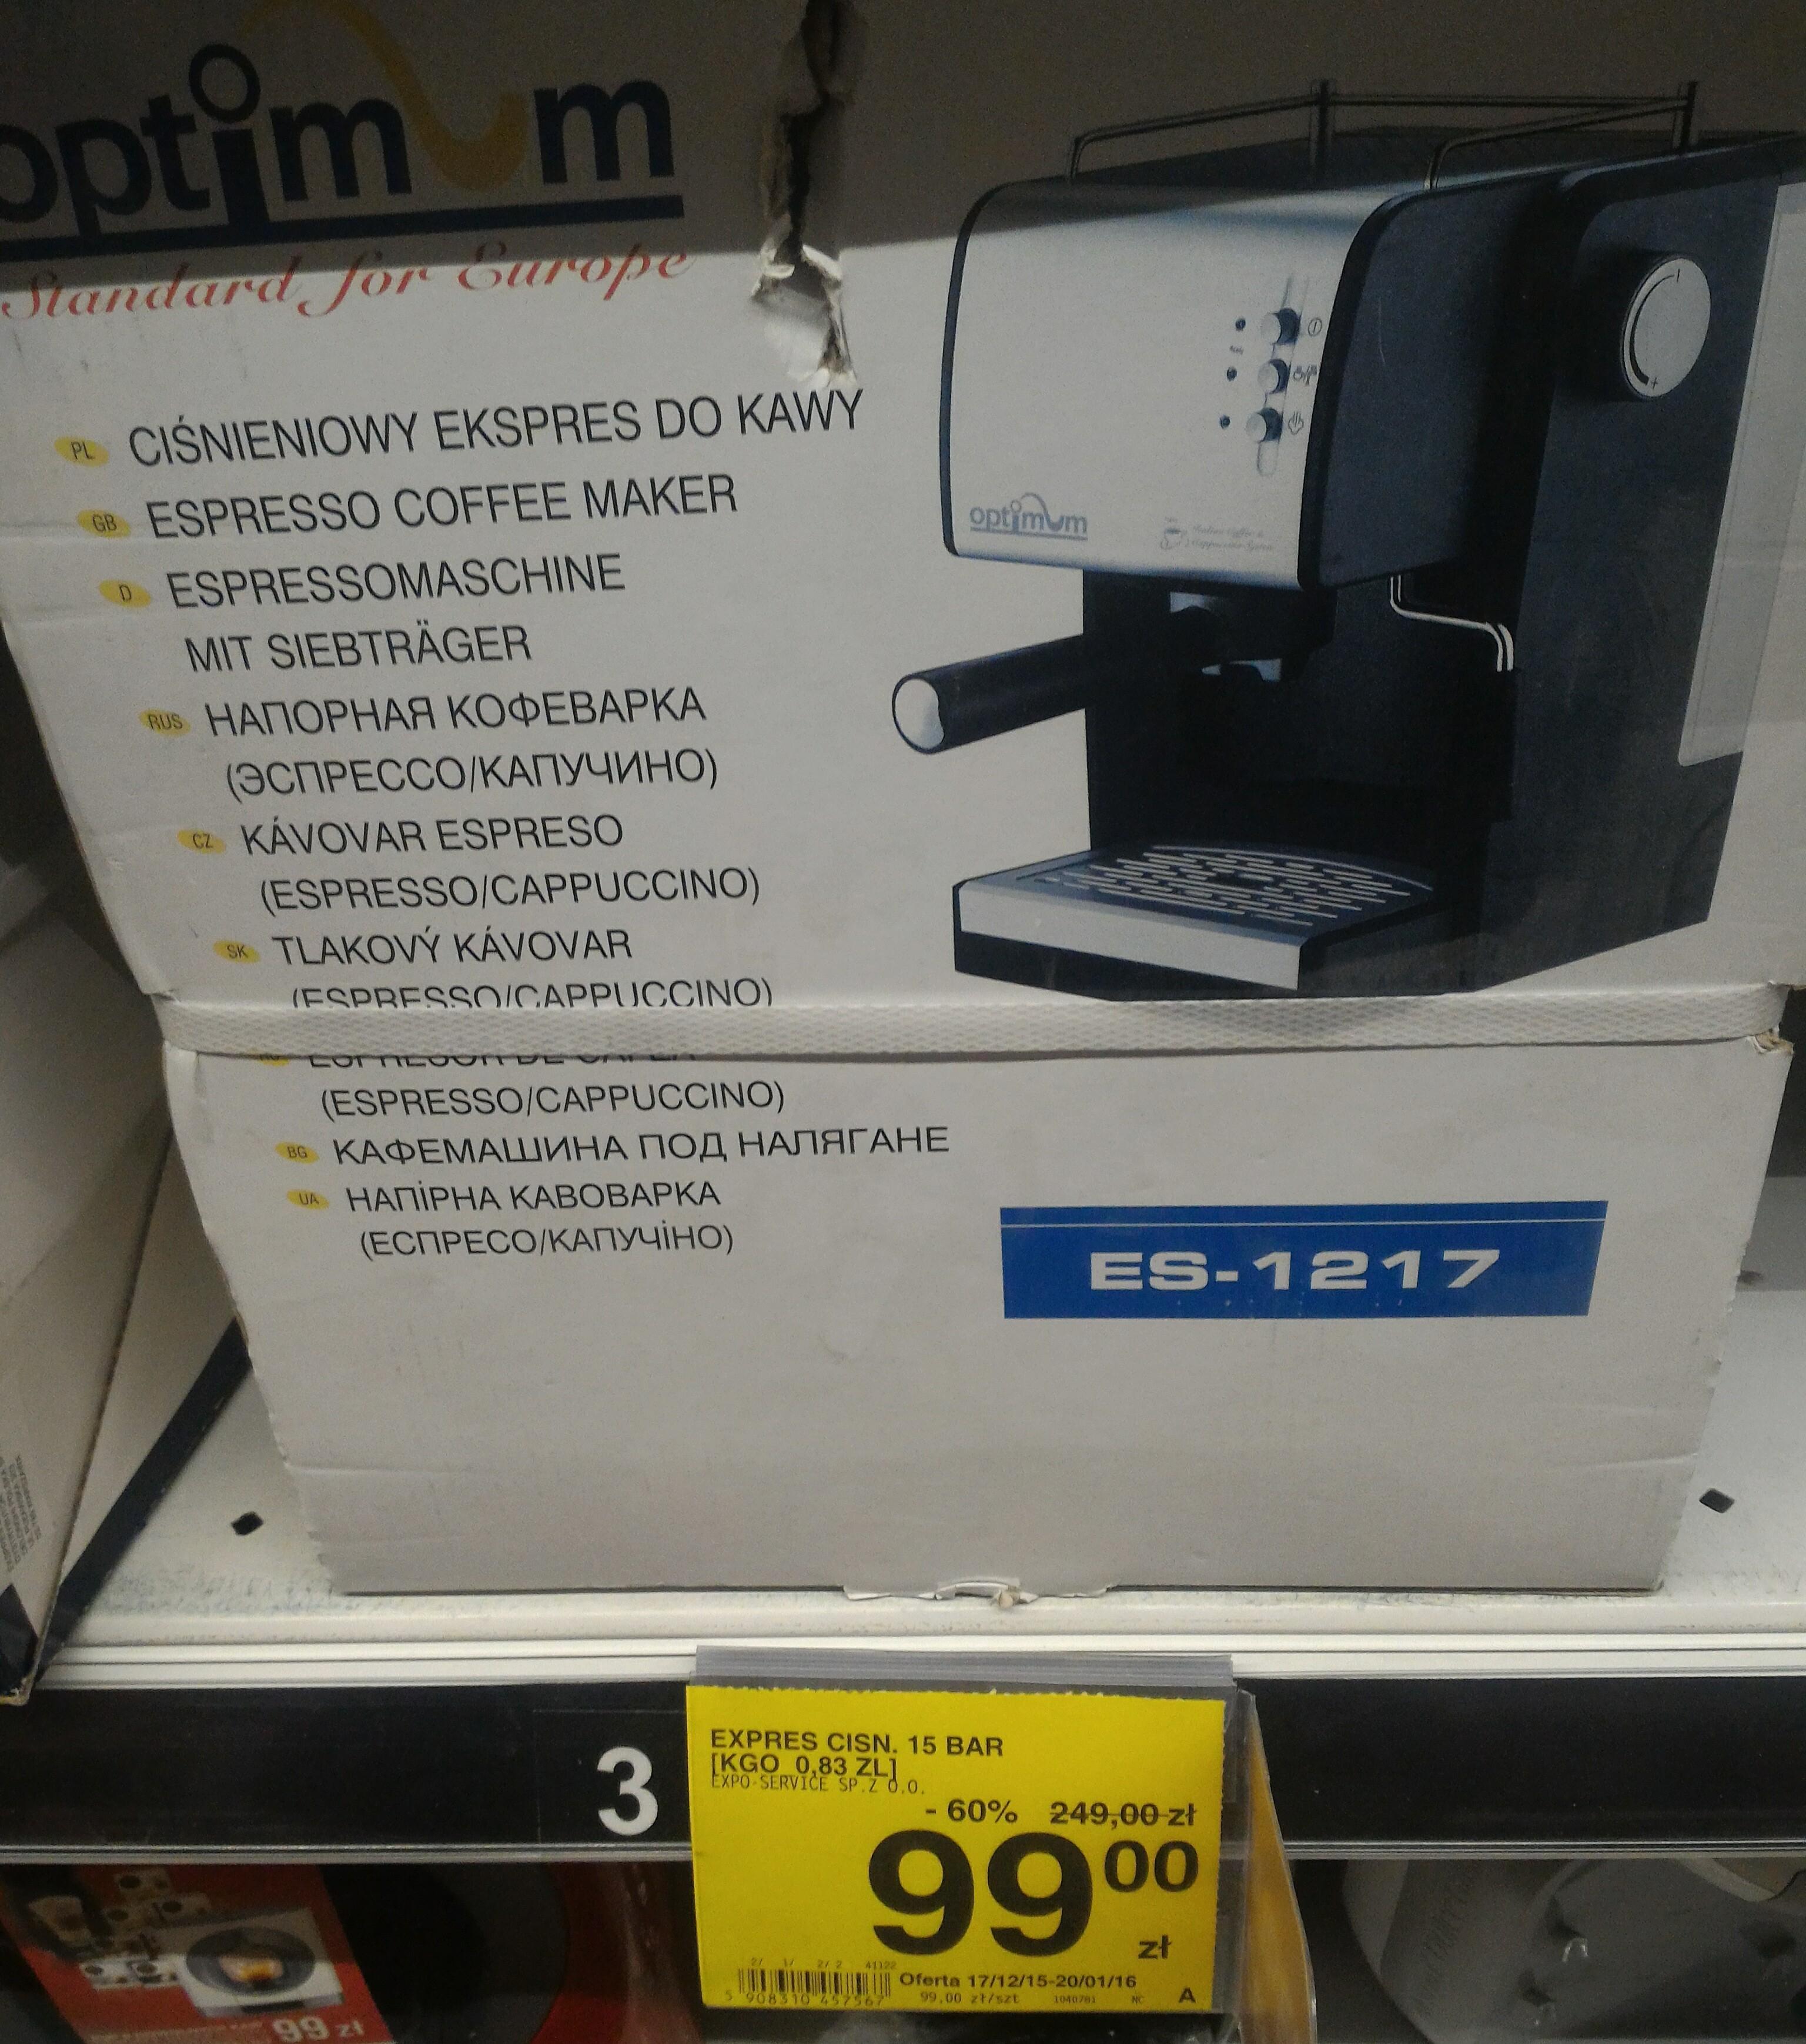 Ciśnieniowy ekspres do kawy. - 60%@ Carrefour